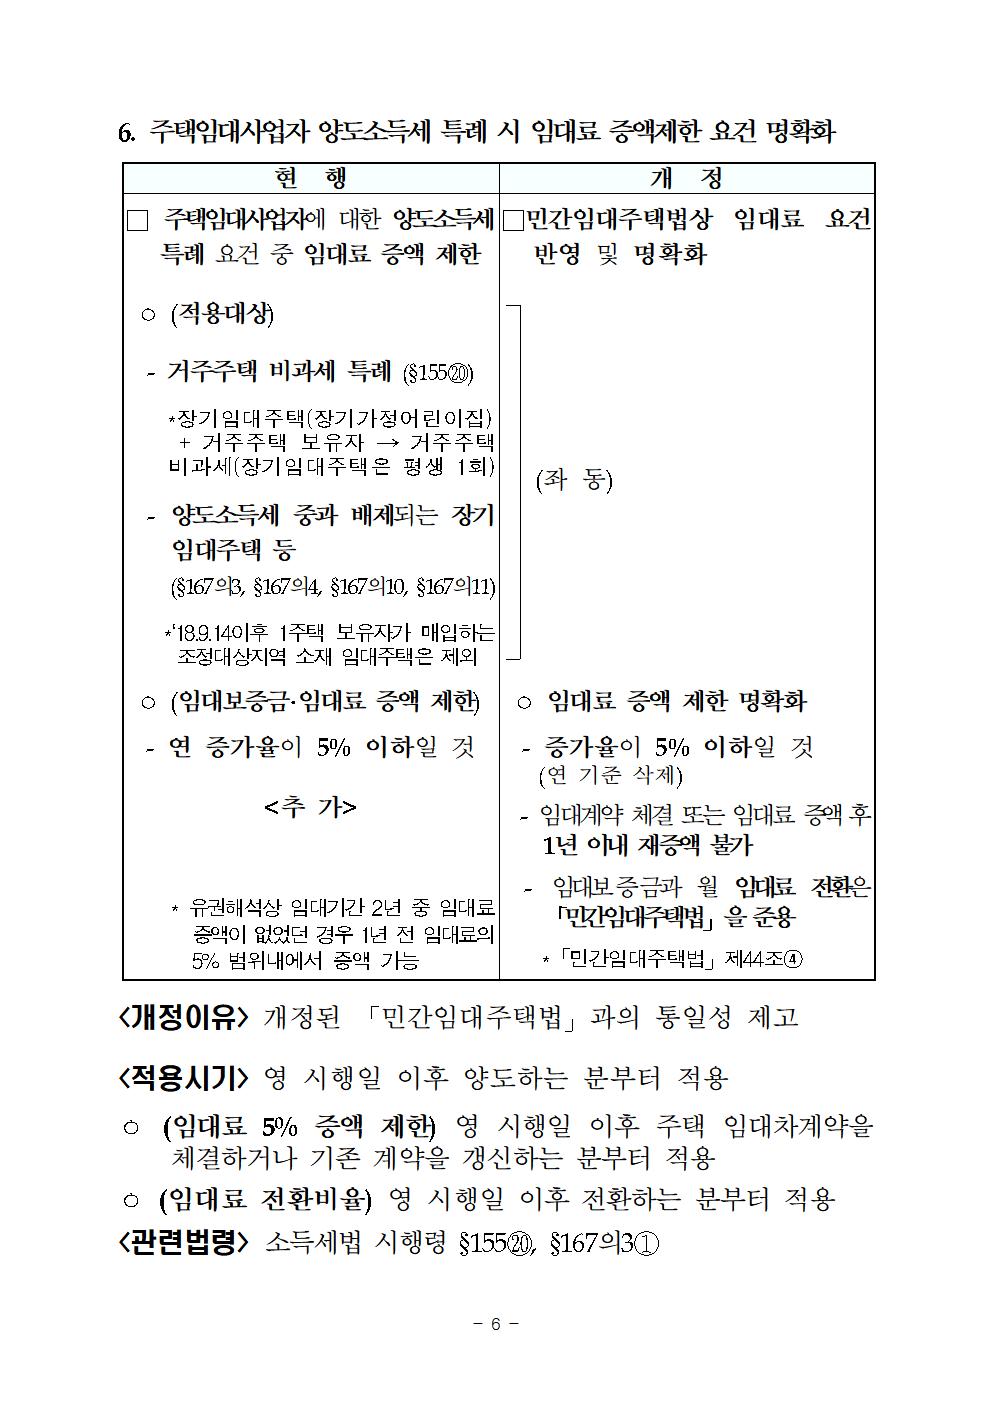 2019년세법개정내용(양도소득세분야)011.png